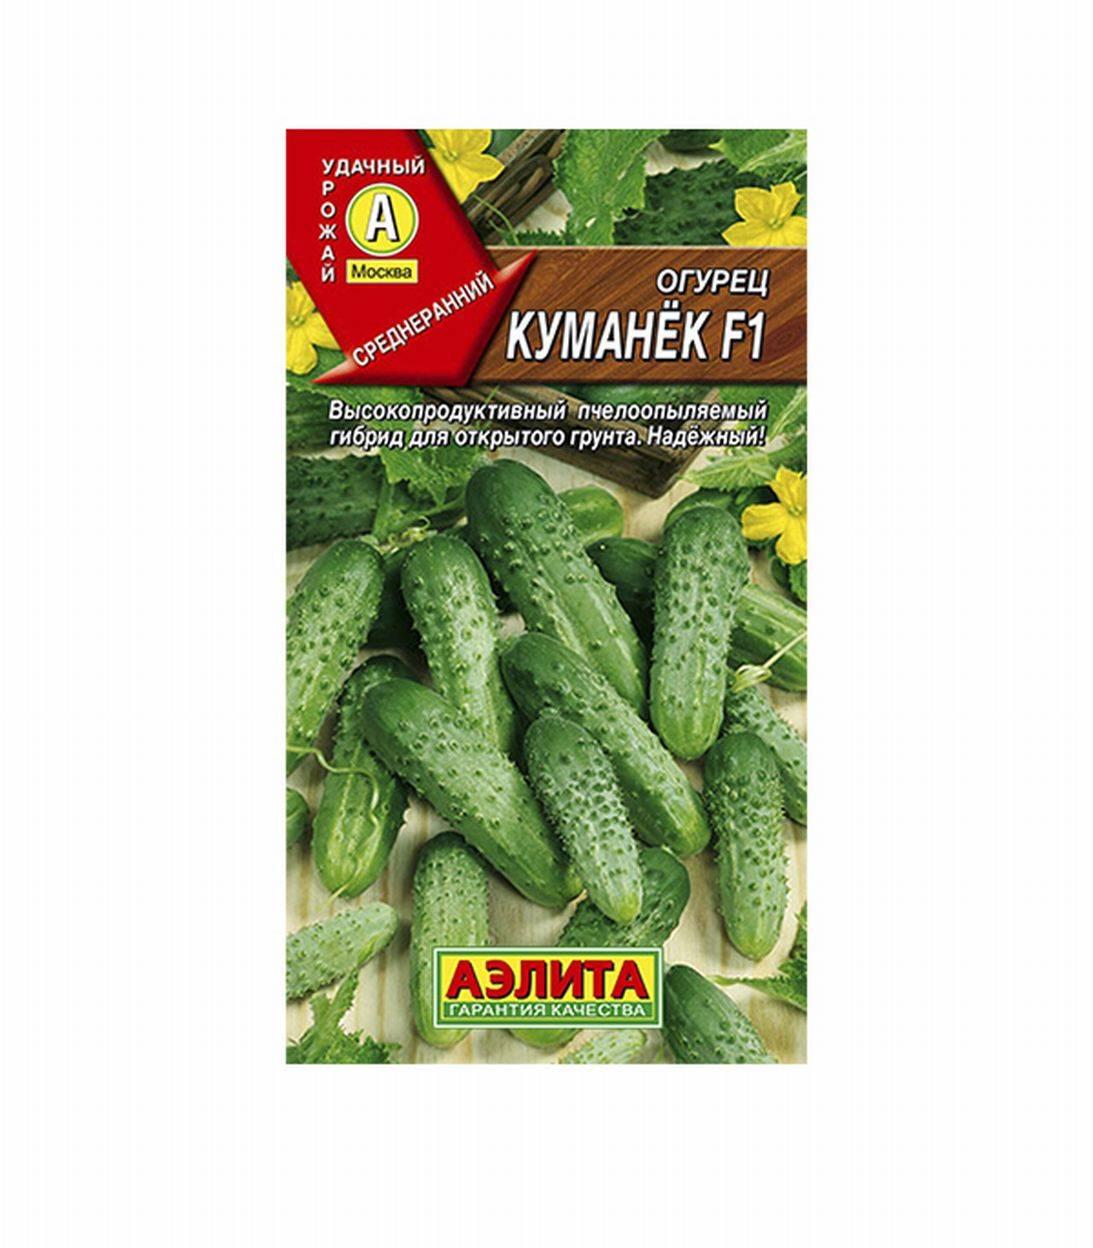 Огурец куманек f1: характеристика и описание сорта, урожайность с фото